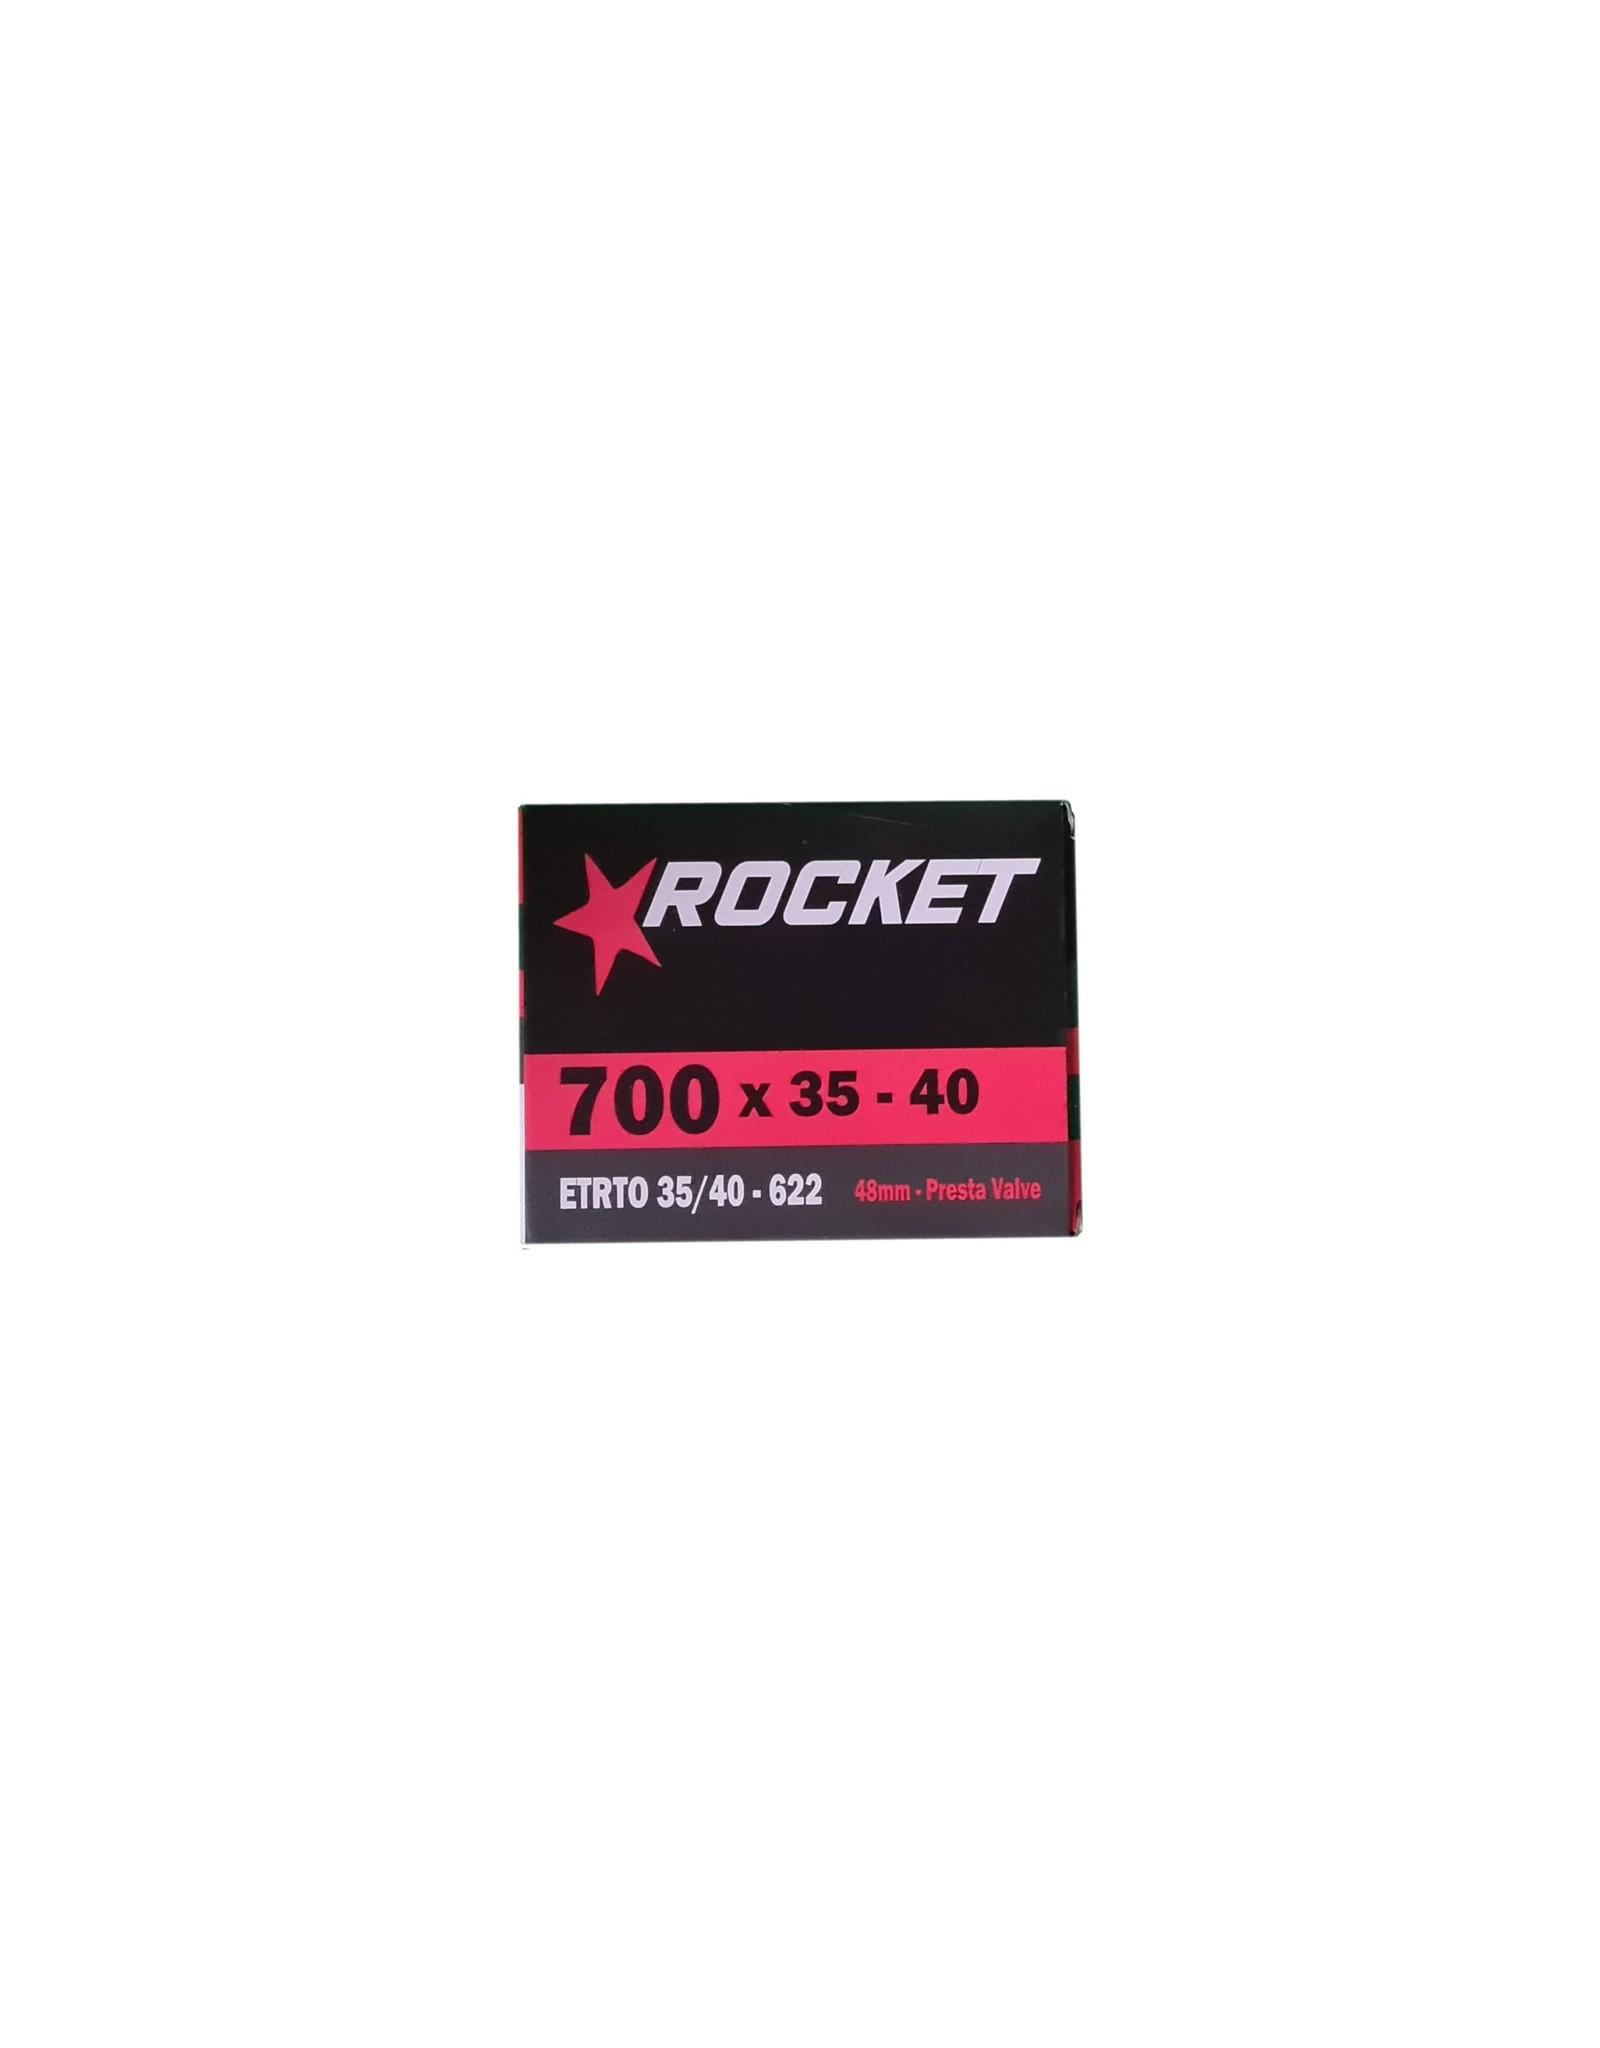 Rocket Butyl Inner Tube 700c x 35-40mm Presta Valve 48mm